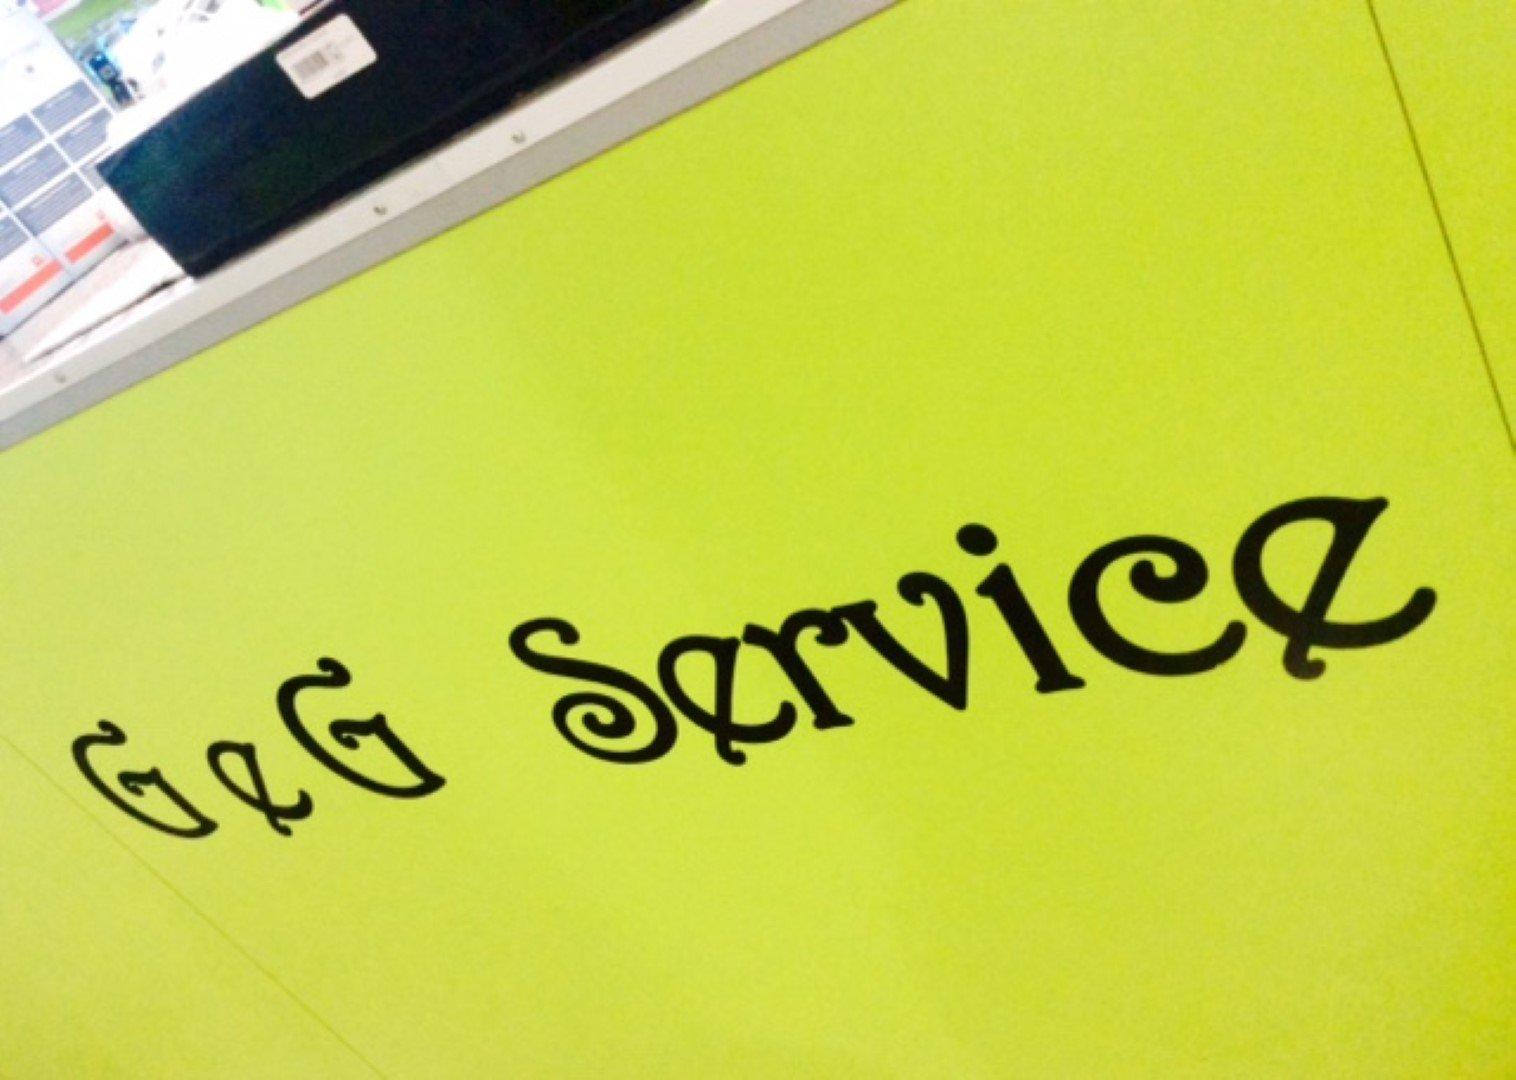 Scritta G&G Service su sfondo verde